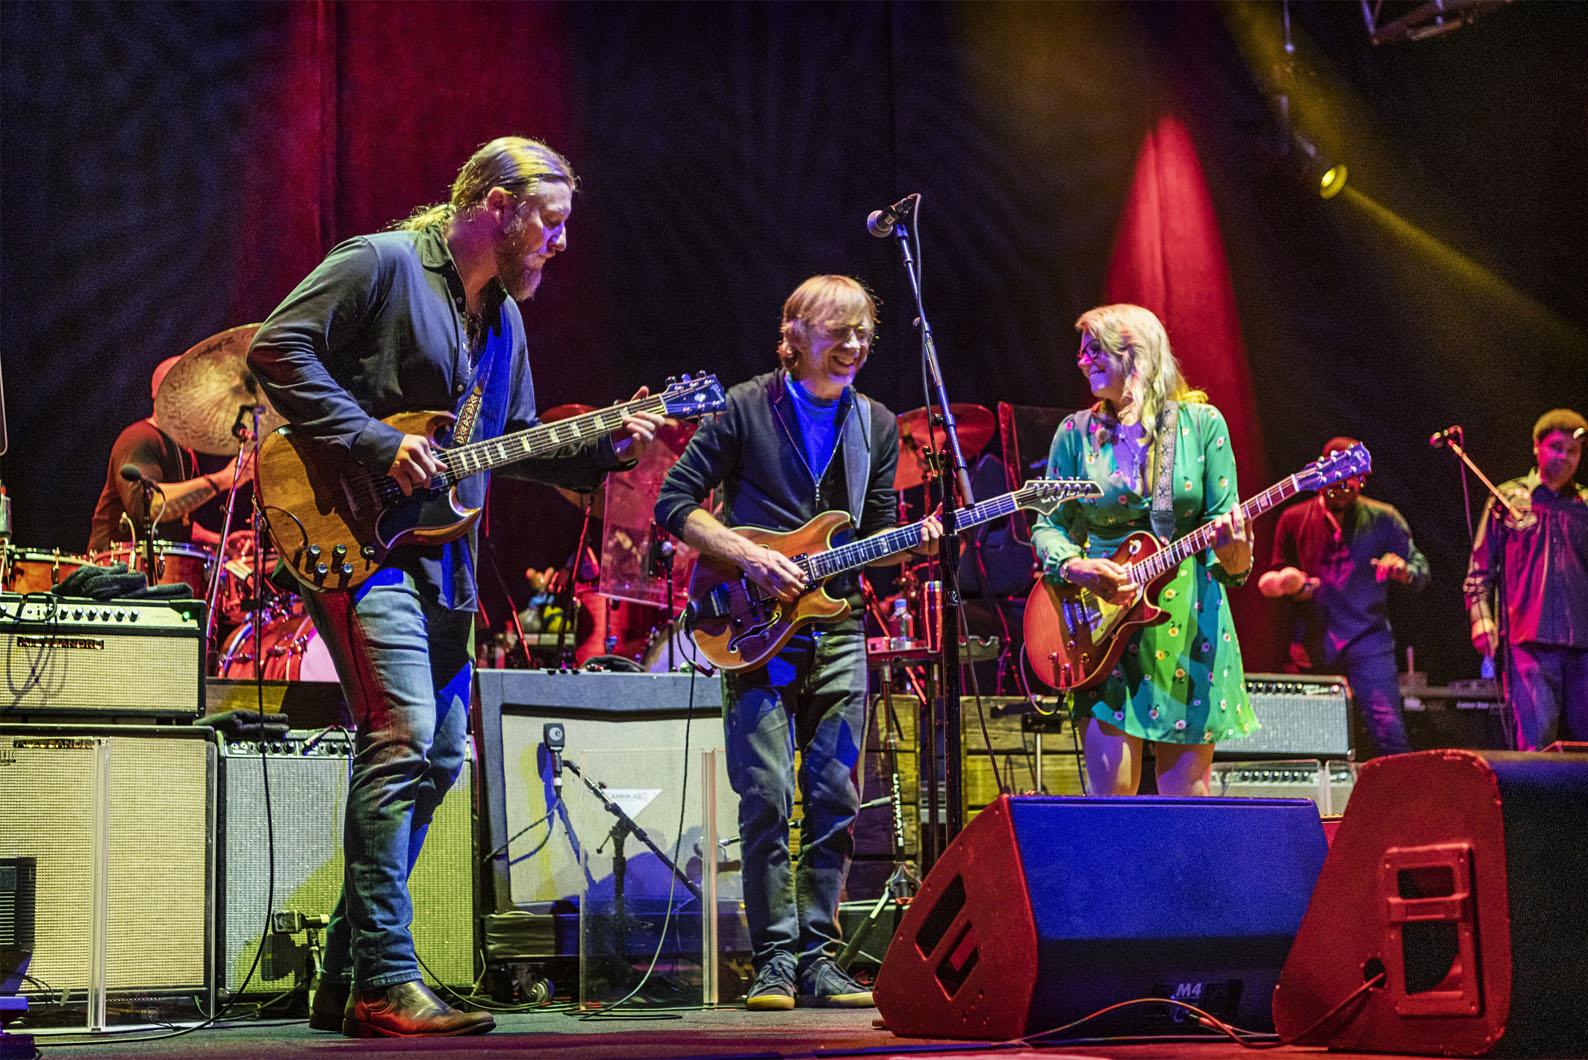 デレク・トラックスが『いとしのレイラ』の全曲を再現したライブ盤7月に発売